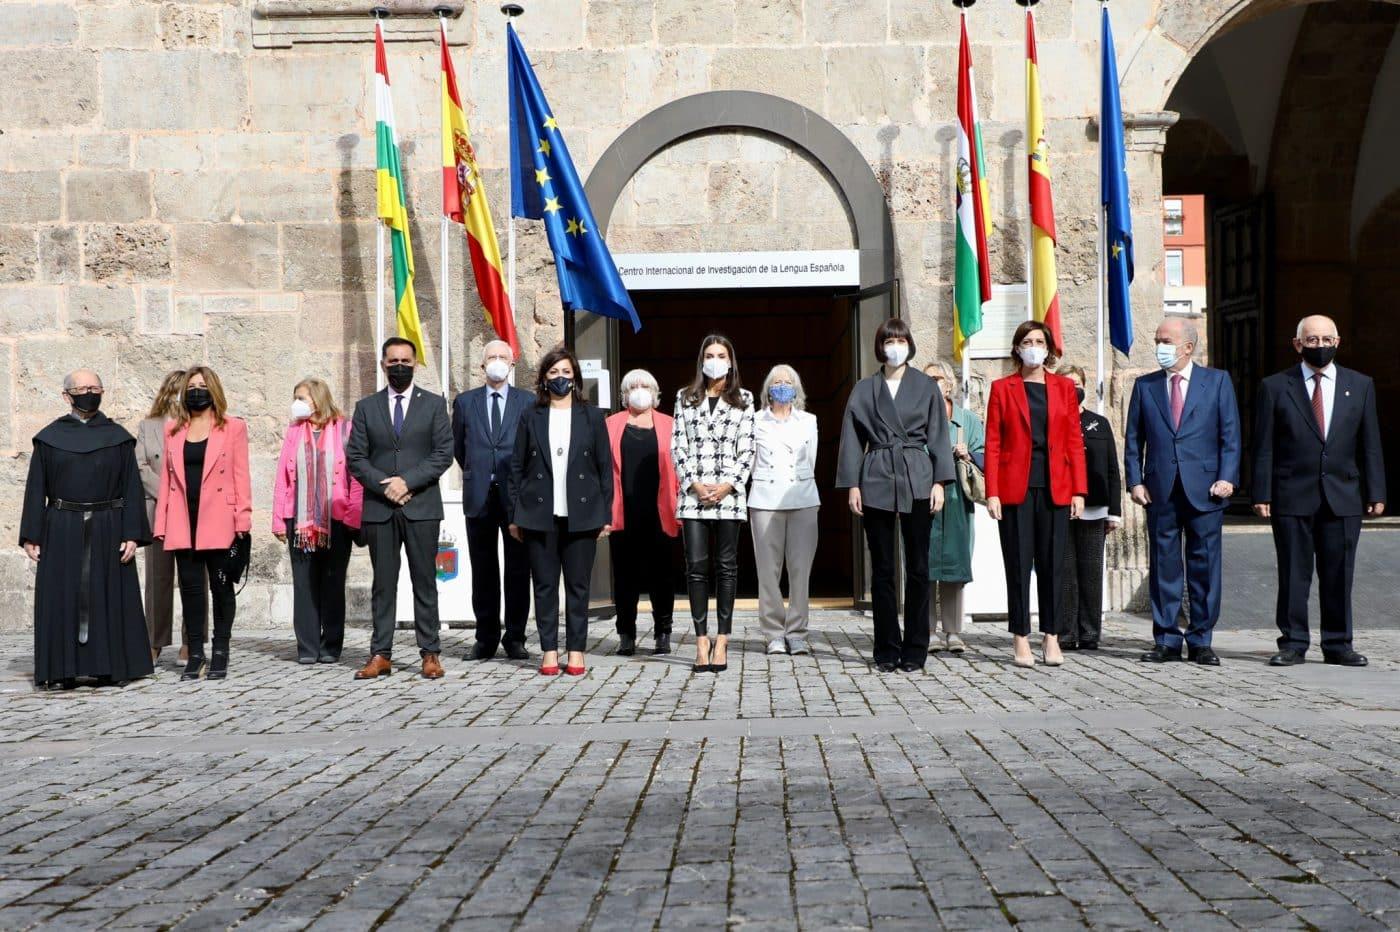 FOTOS: La reina Letizia visita de nuevo La Rioja 2